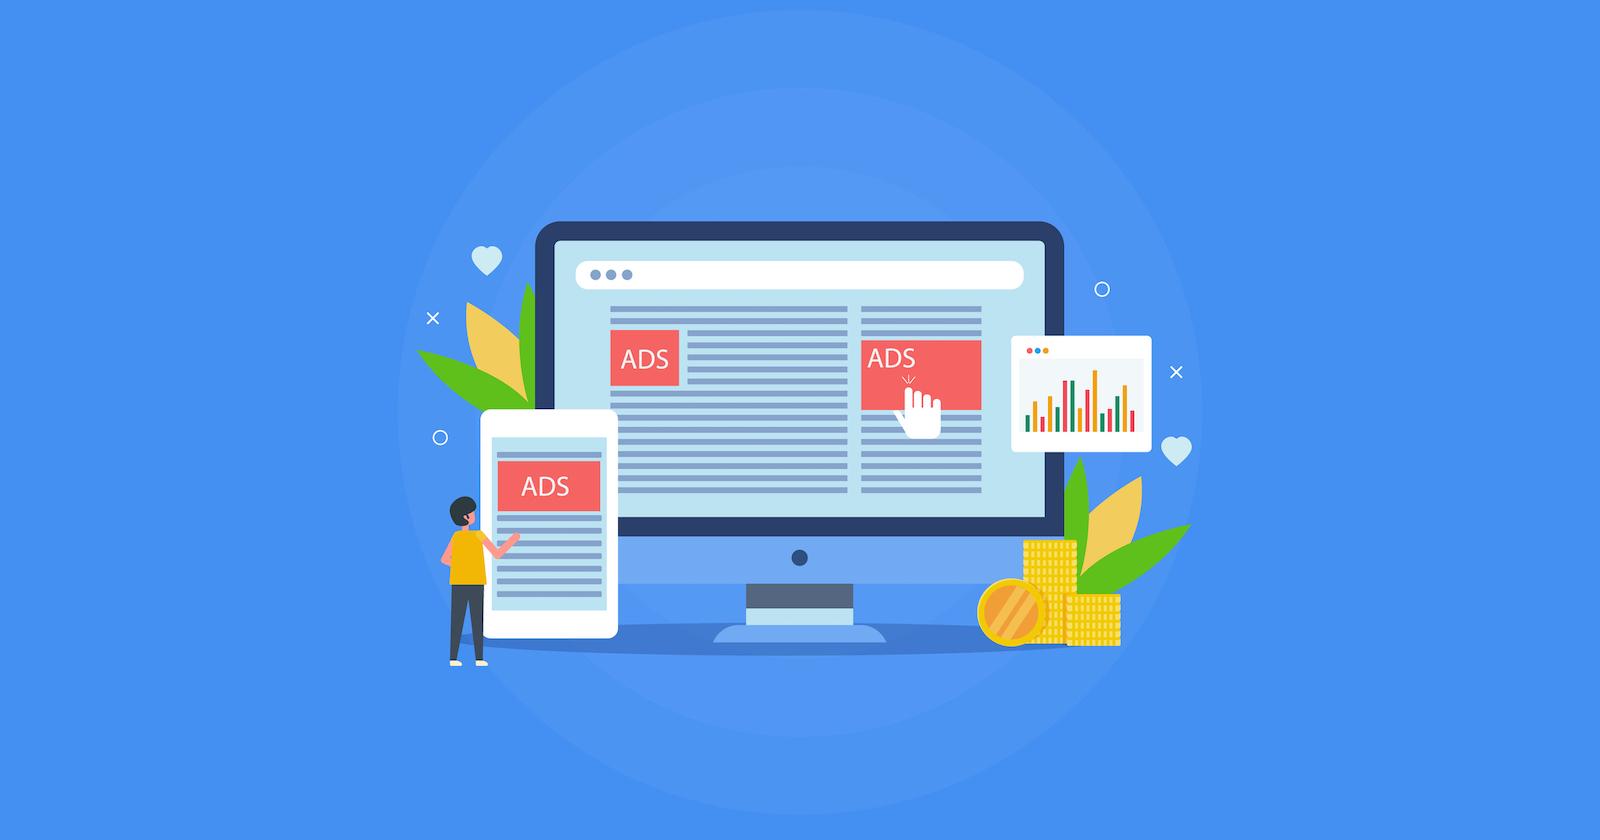 در رسانه دیجیتال برای انتشار محتوا به منظور بازاریابی رسانه های دیجیتال از ابزارهای مجهز به پردازشگر دیجیتال استفاده می کنند.